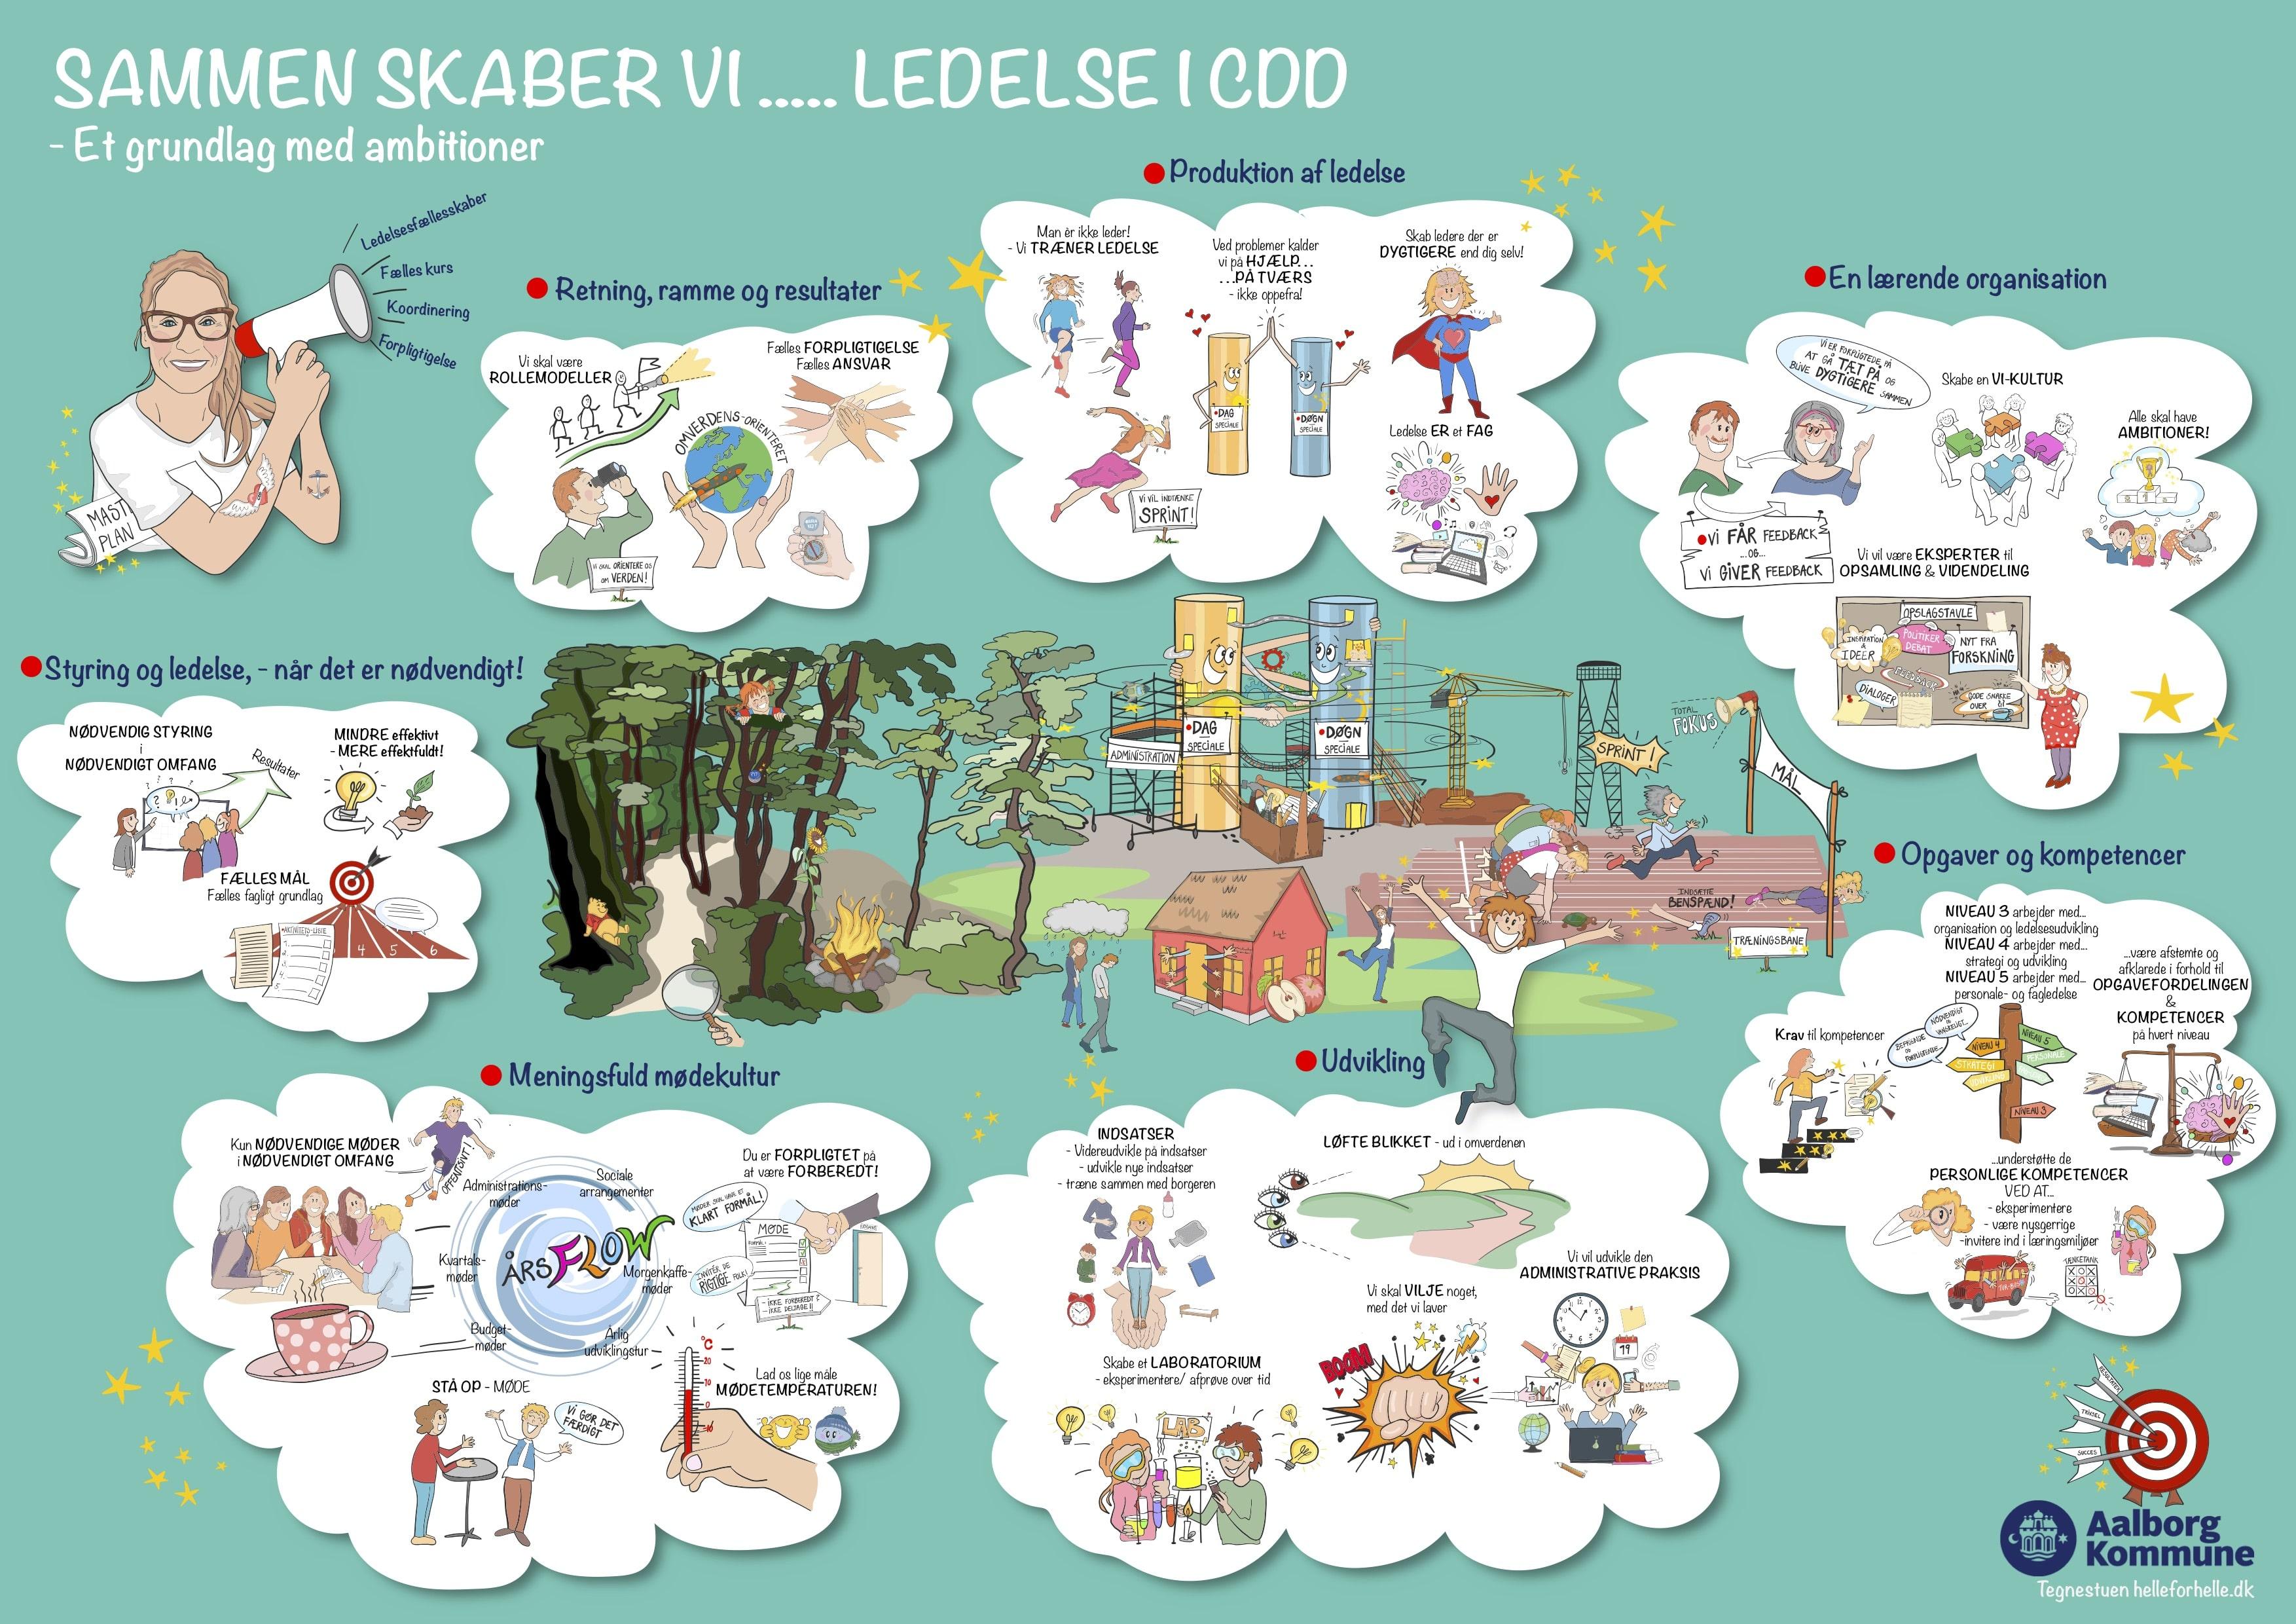 Center for Dag - og Døgnspecialer har fået visualiseret deres Masterplan af tegnestuen helleforhelle. Et ledelsesgrundlag med ambitioner